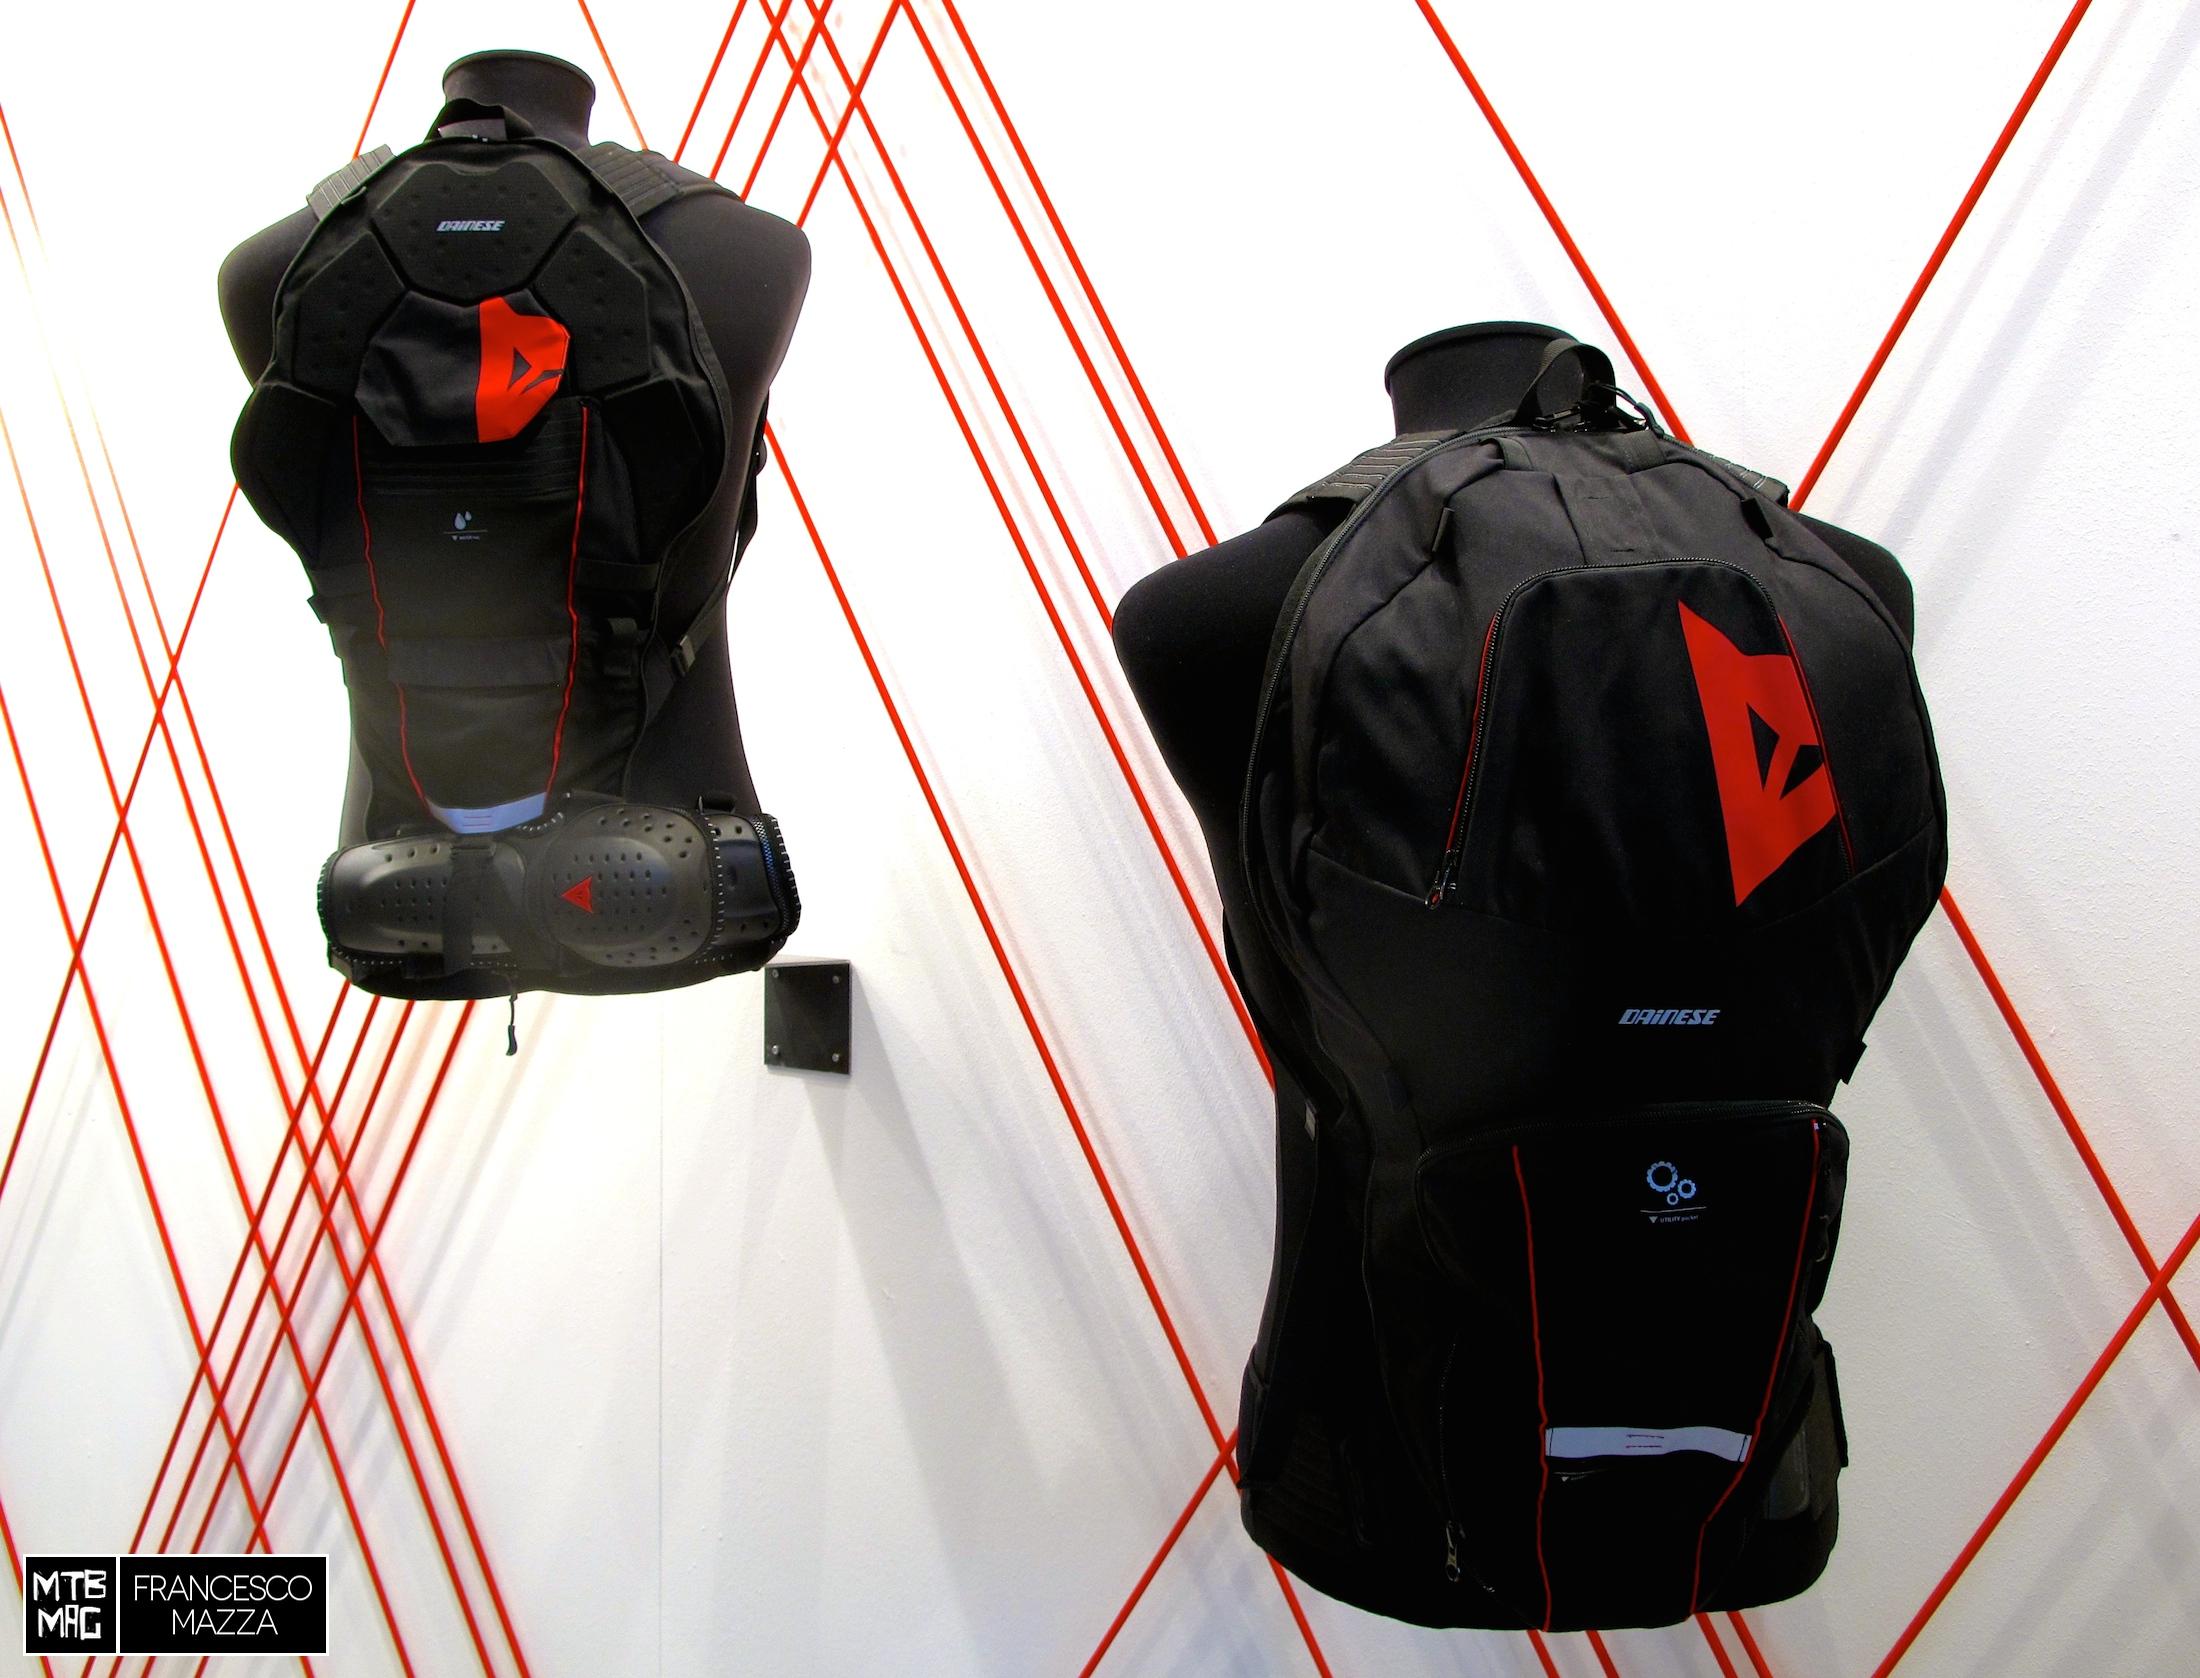 nuovo prodotto 8569f 09419 MTB-MAG.COM - Mountain Bike Online Magazine | Dainese Pro ...